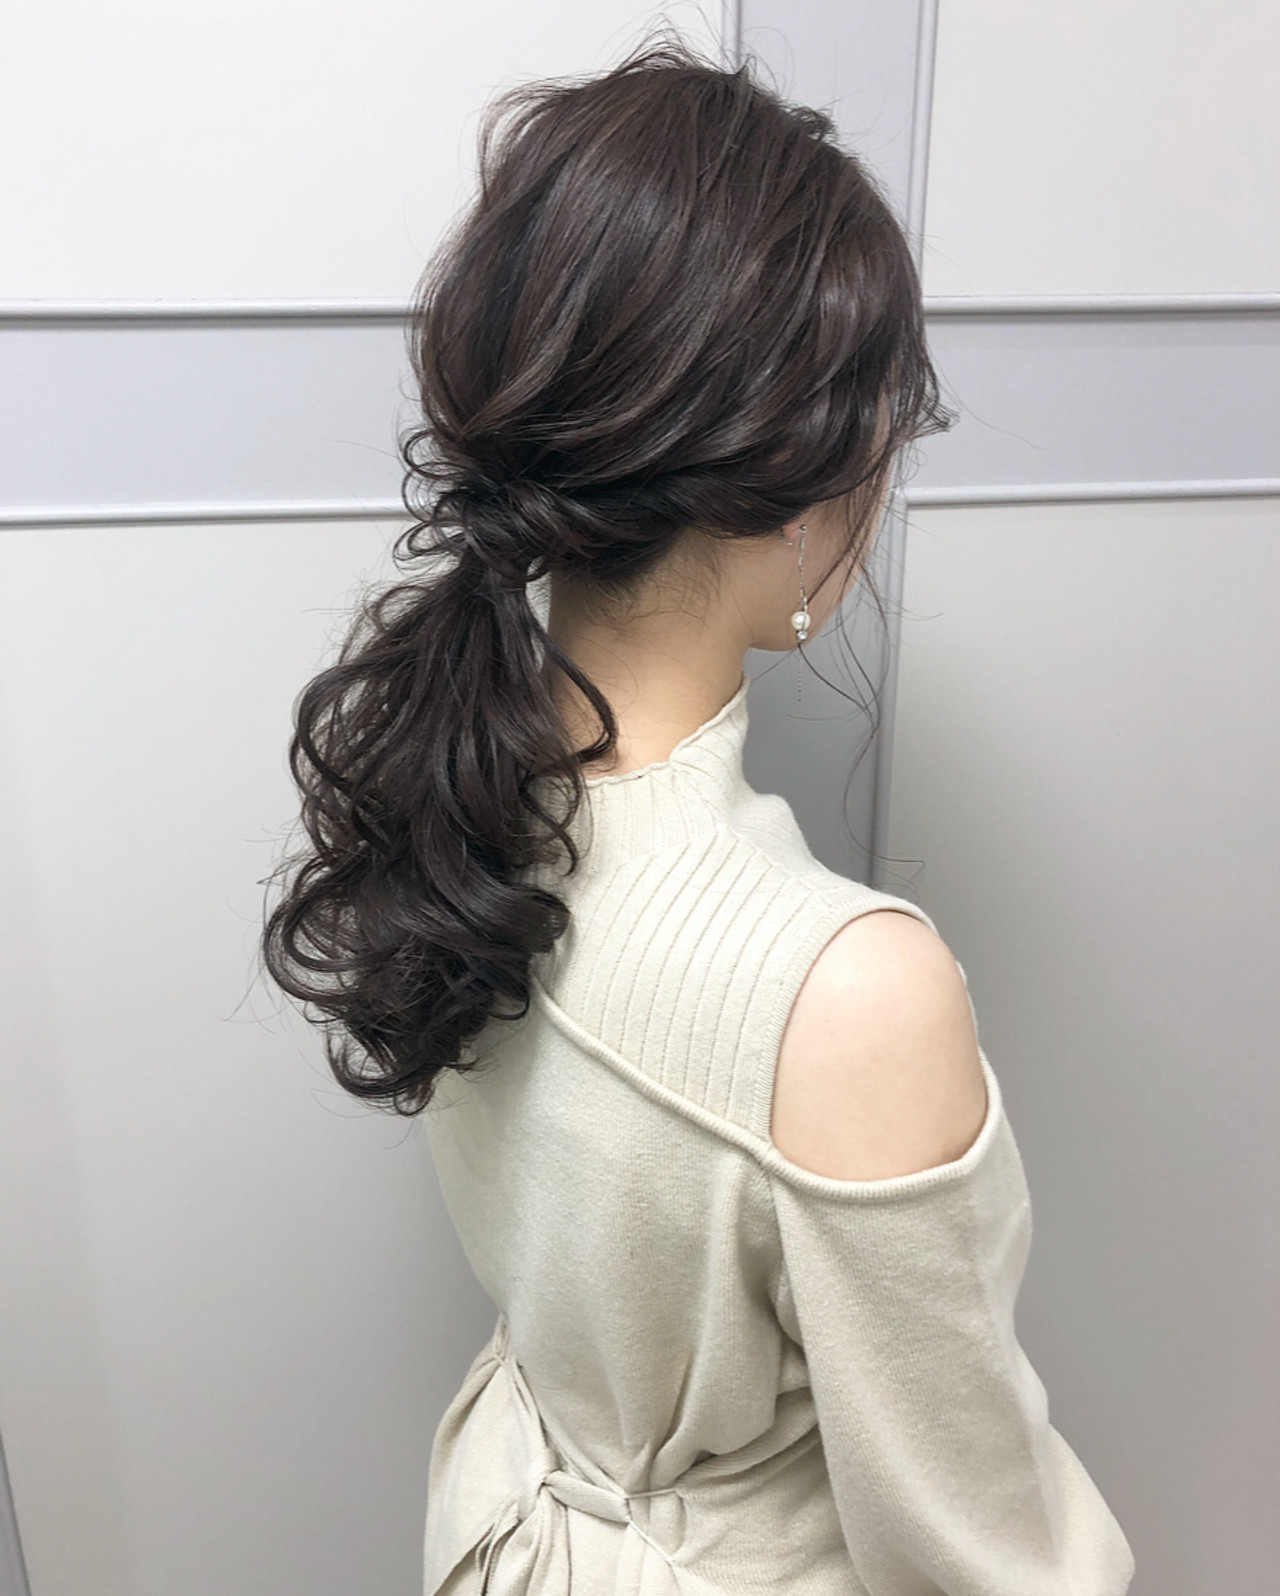 ナチュラル ポニーテール セミロング 大人可愛い ヘアスタイルや髪型の写真・画像